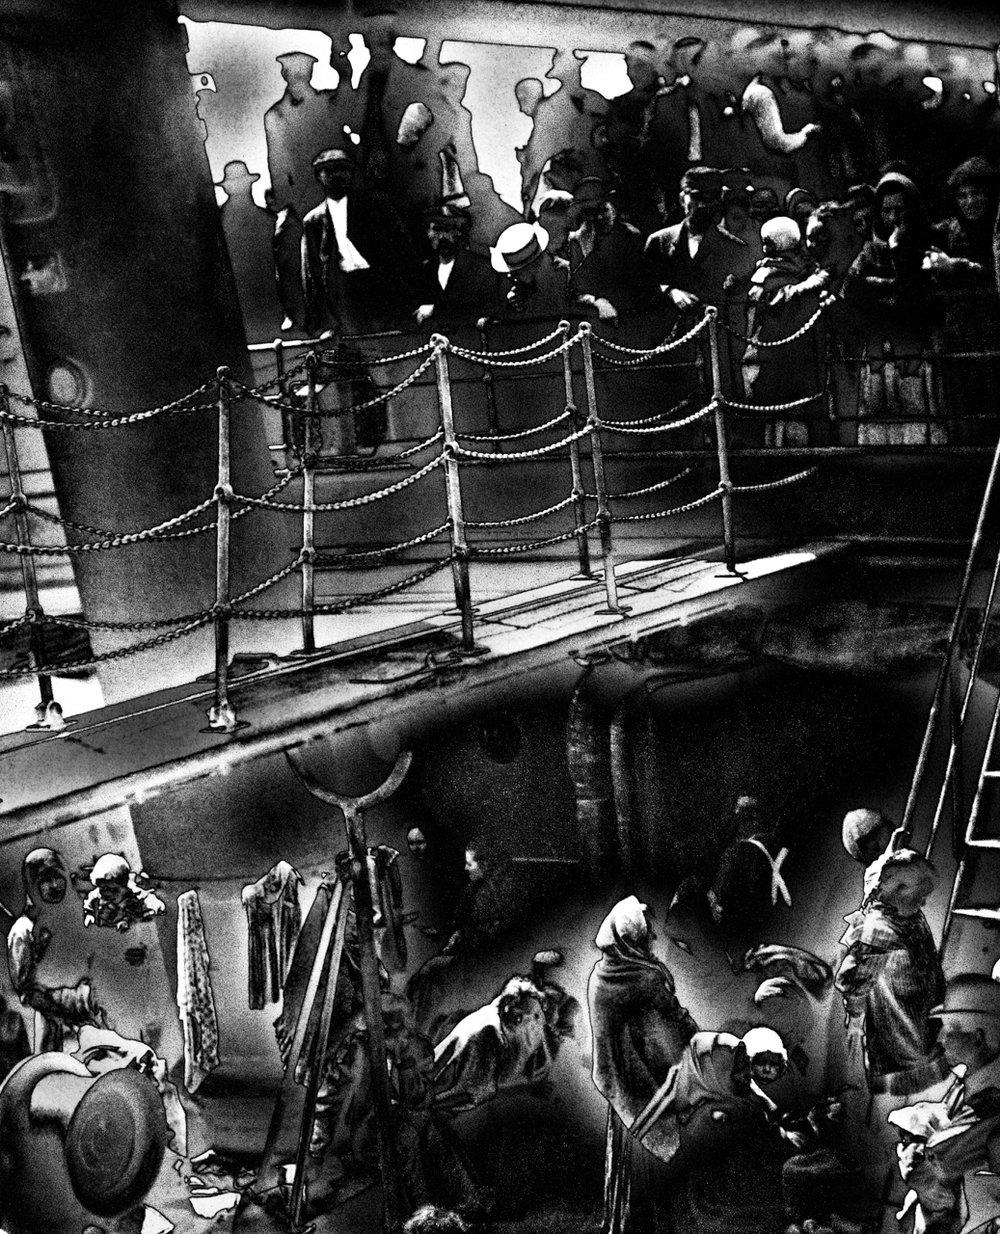 Stieglitz, Alfred (Steerage, 1907)